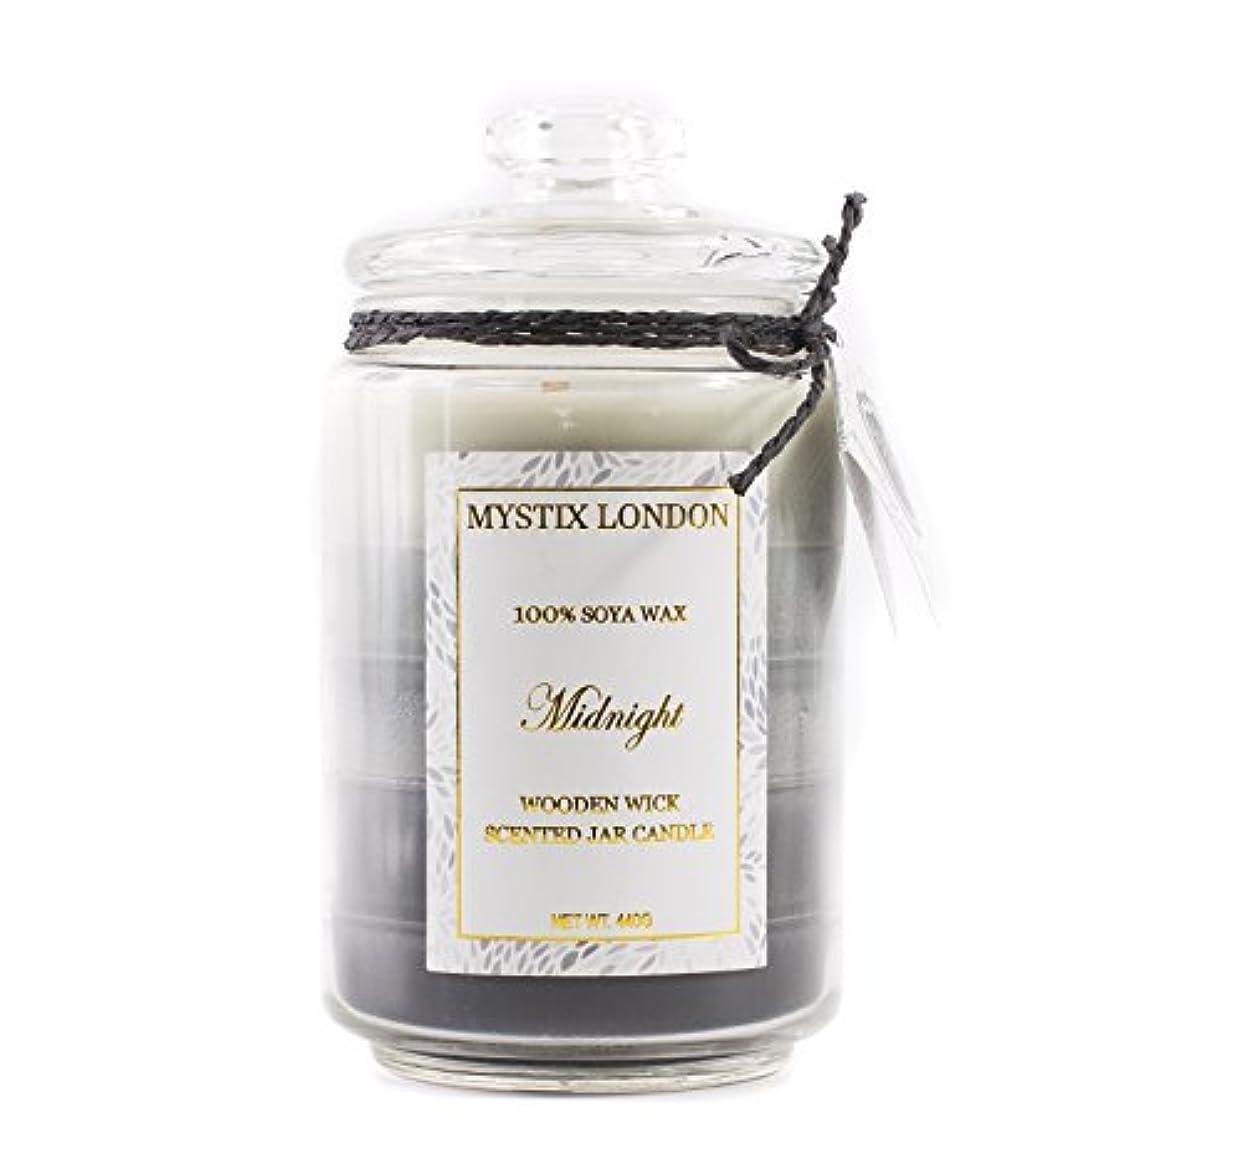 シェア入り口セラフMystix London Midnight Wooden Wick Scented Jar Candle 440g